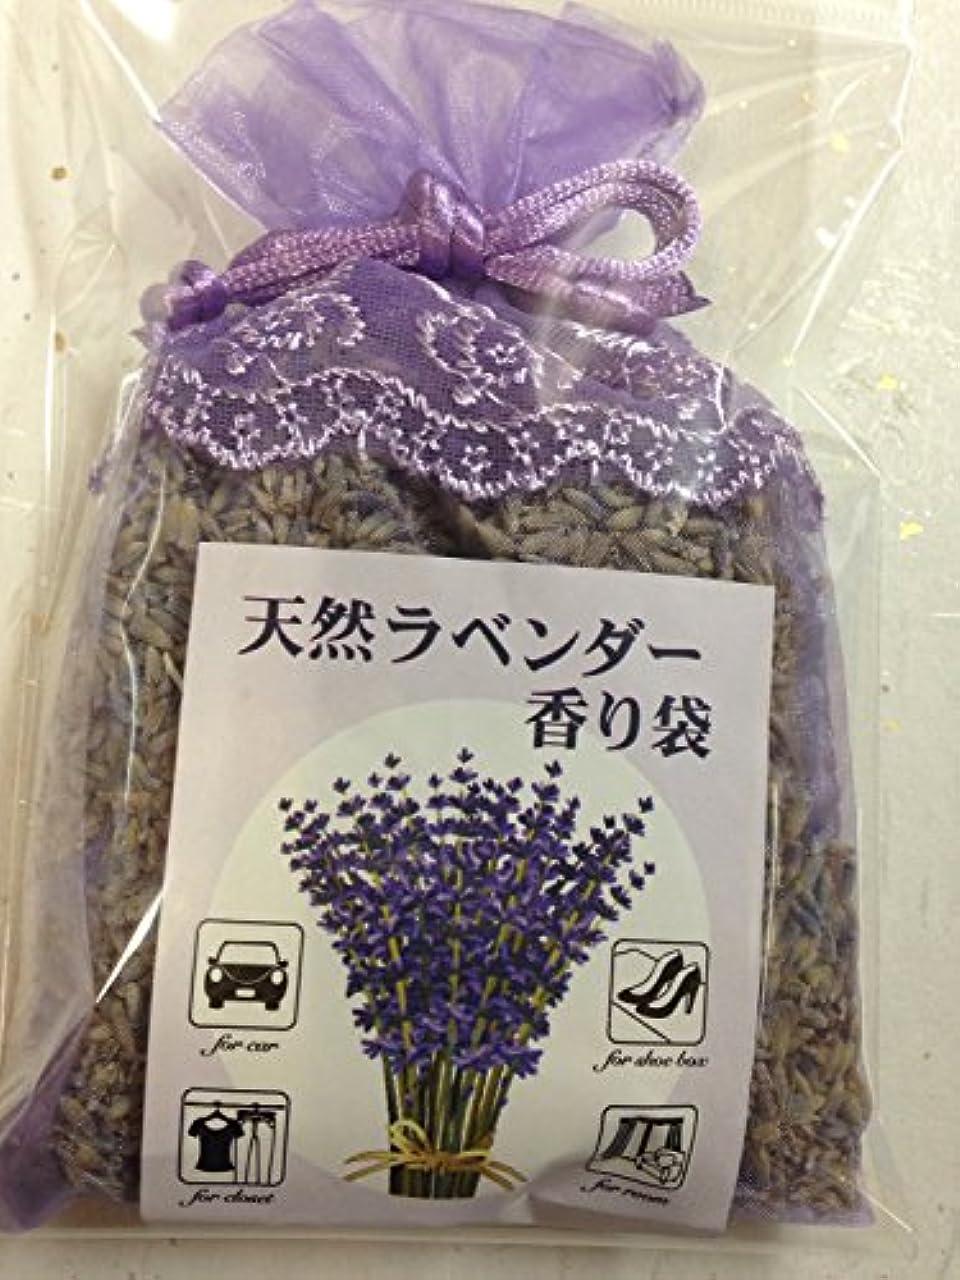 北西膨らませる外科医◆天然ラベンダー?ポプリ香り袋 巾着<小>◆Aroma Lavender /Hokkaido